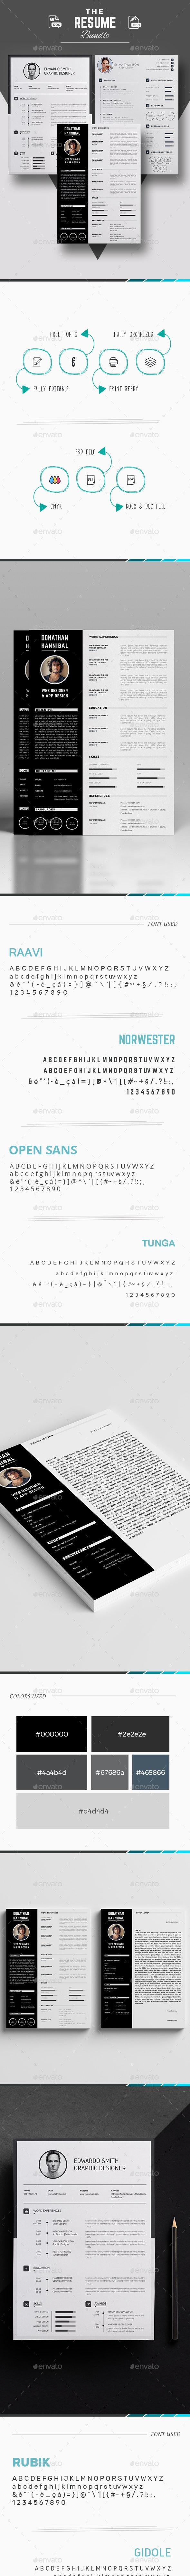 Bundle - Resumes Stationery